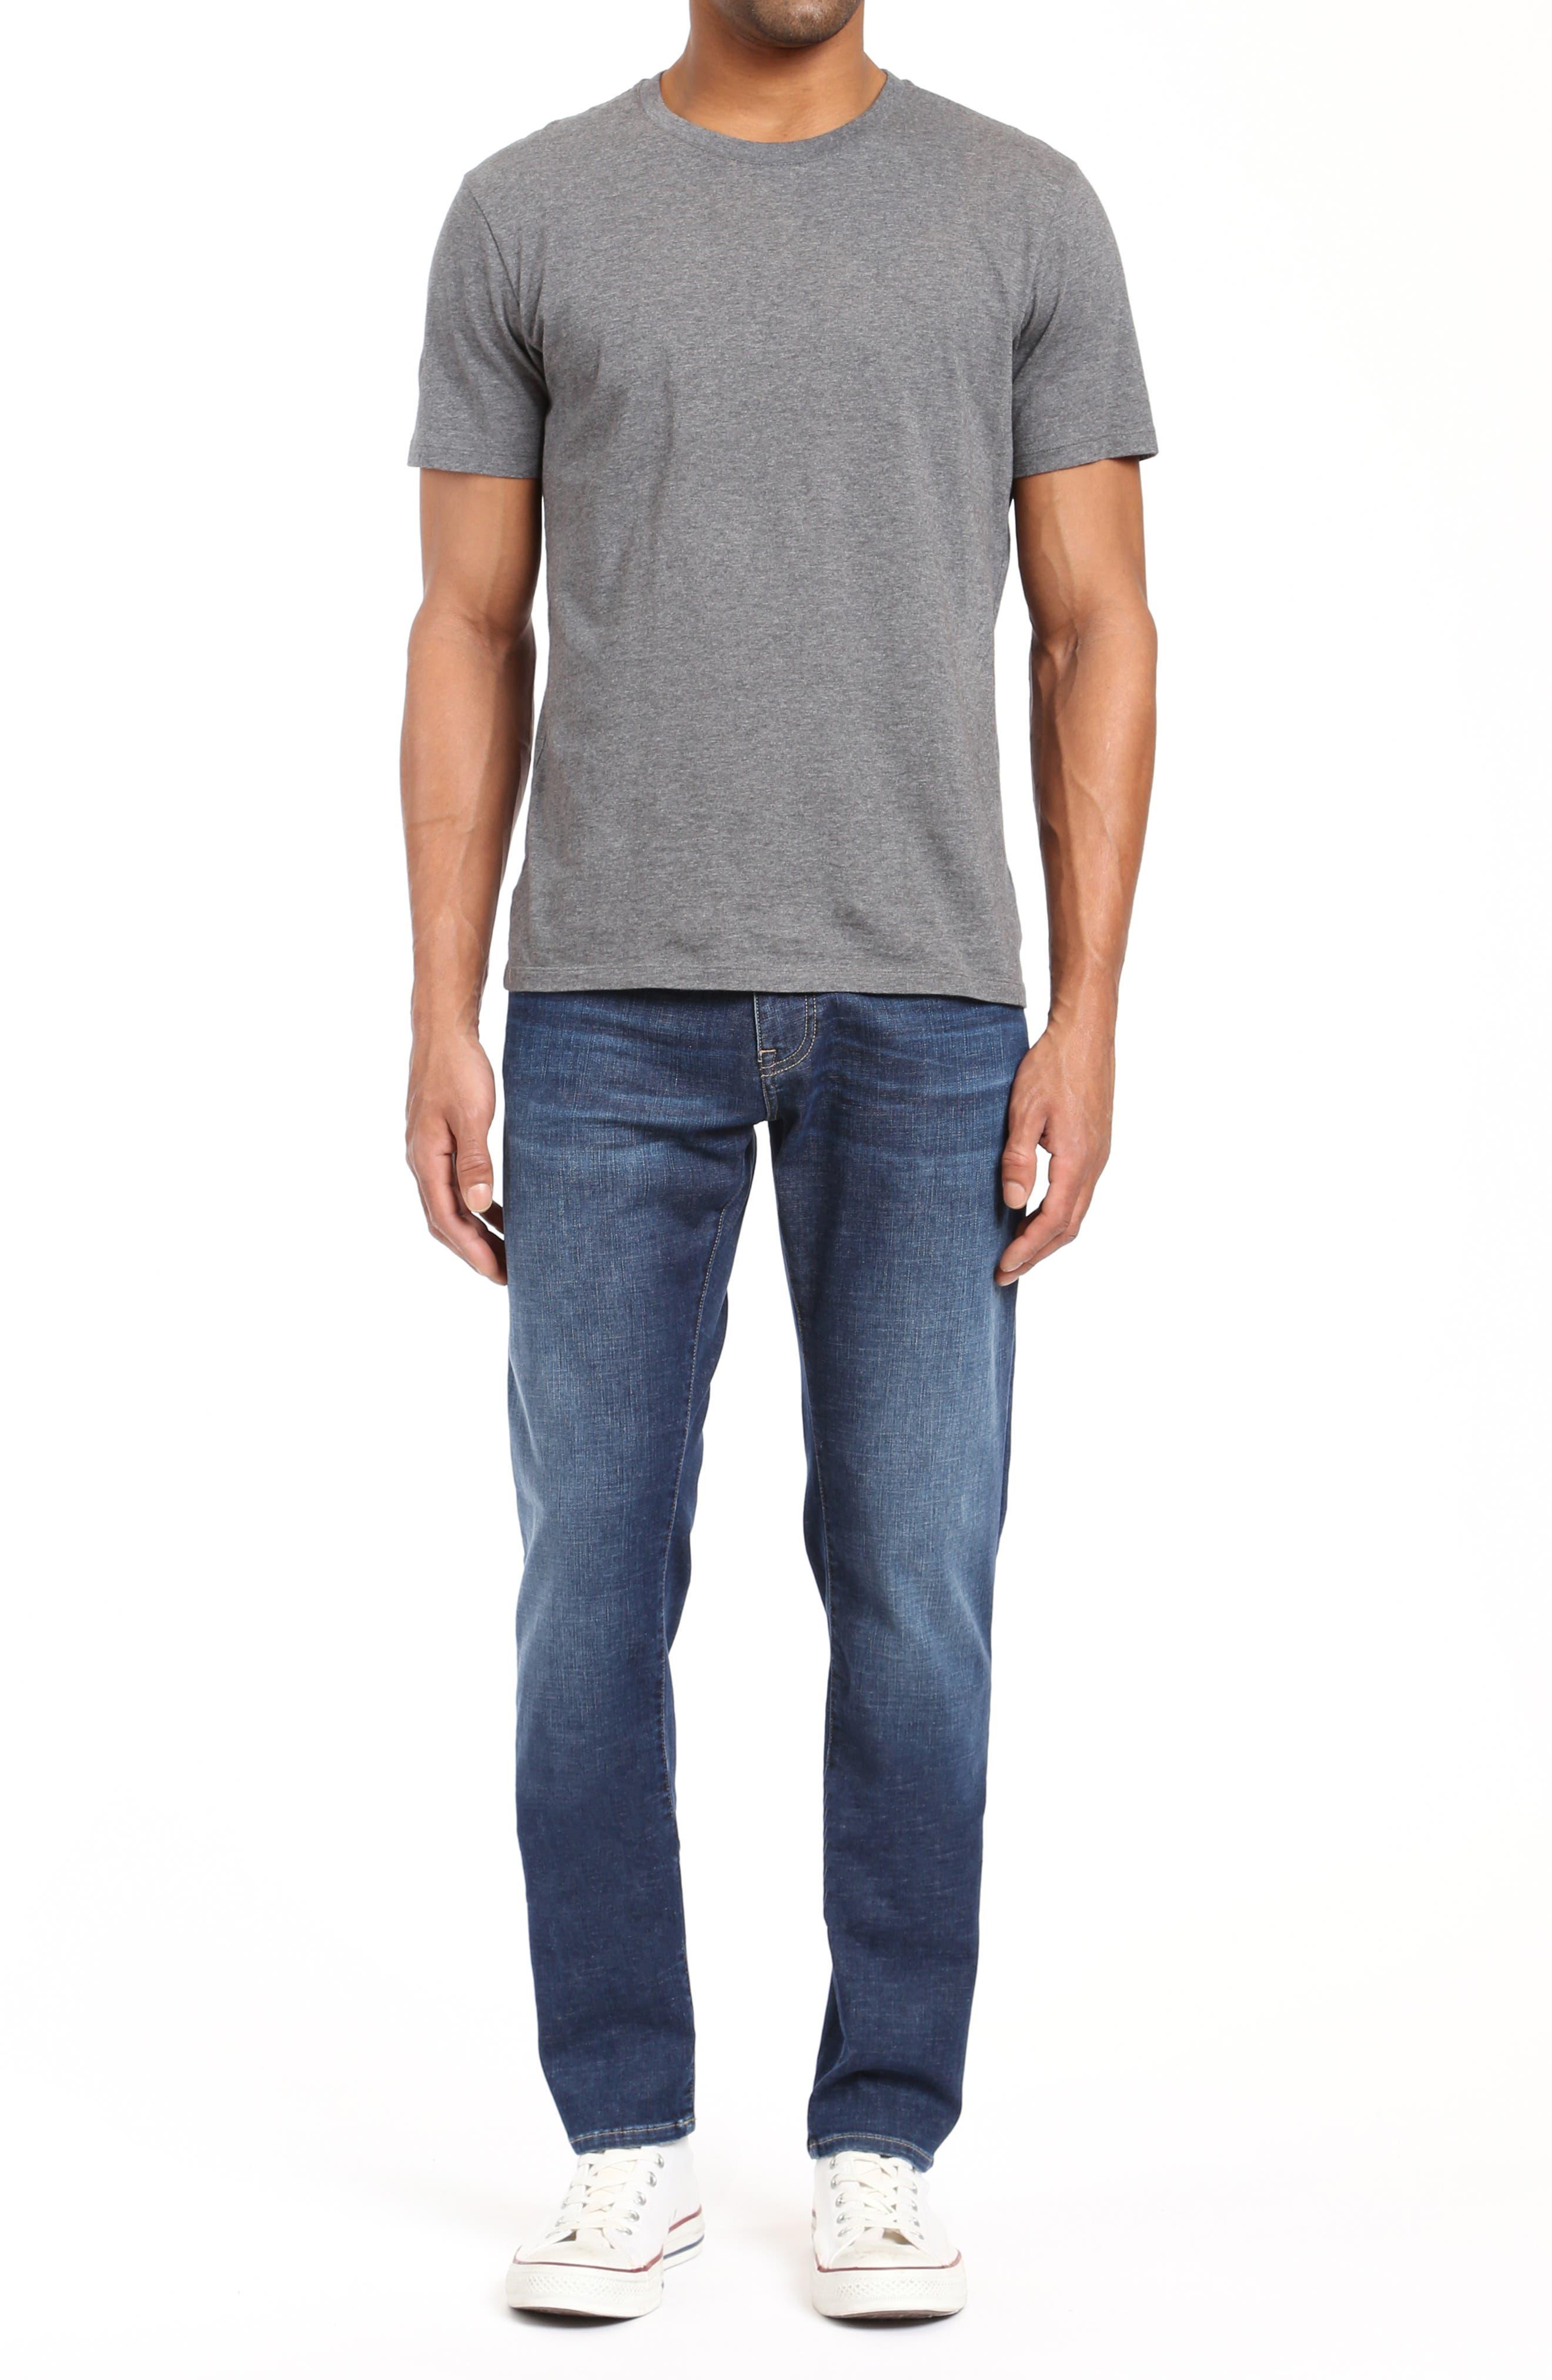 Jake Slim Fit Jeans,                             Alternate thumbnail 4, color,                             DARK BRUSHED CASHMERE